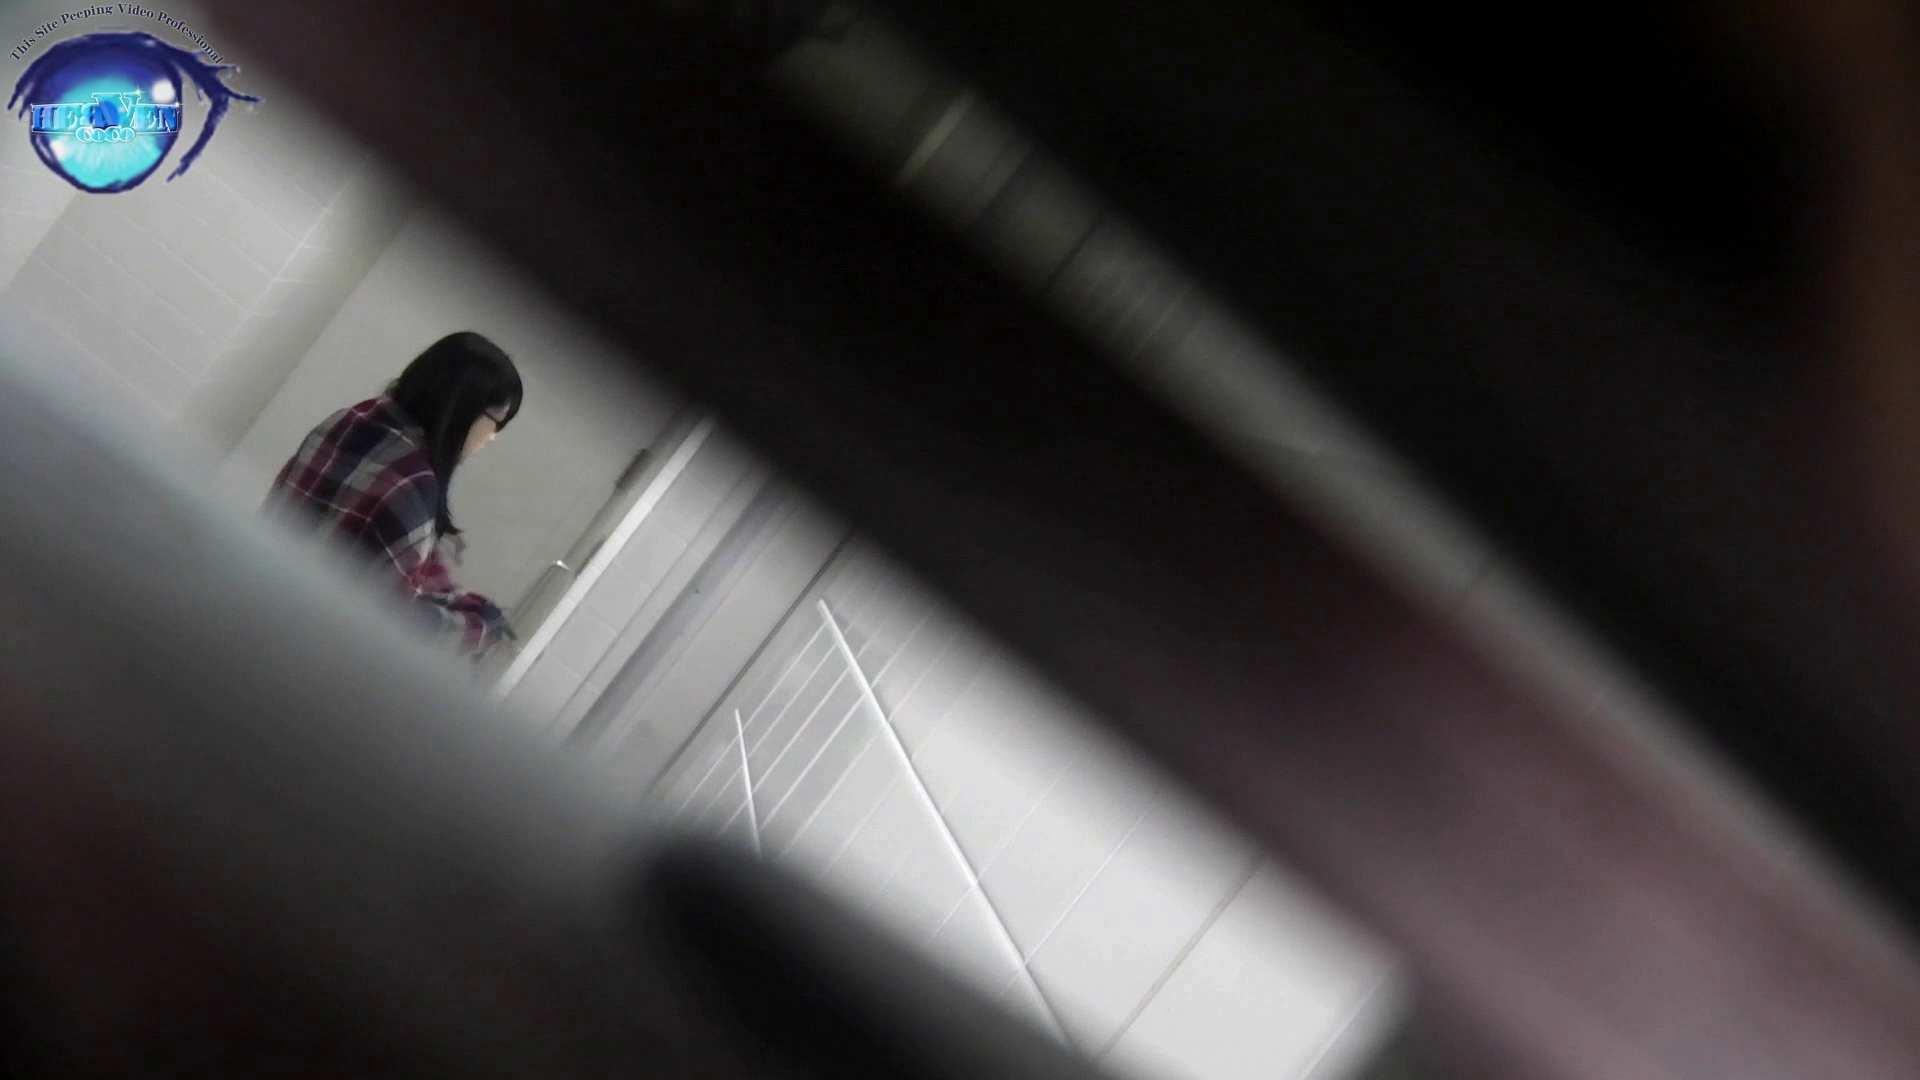 お銀さん vol.59 ピンチ!!「鏡の前で祈る女性」にばれる危機 後編 0   0  77連発 23